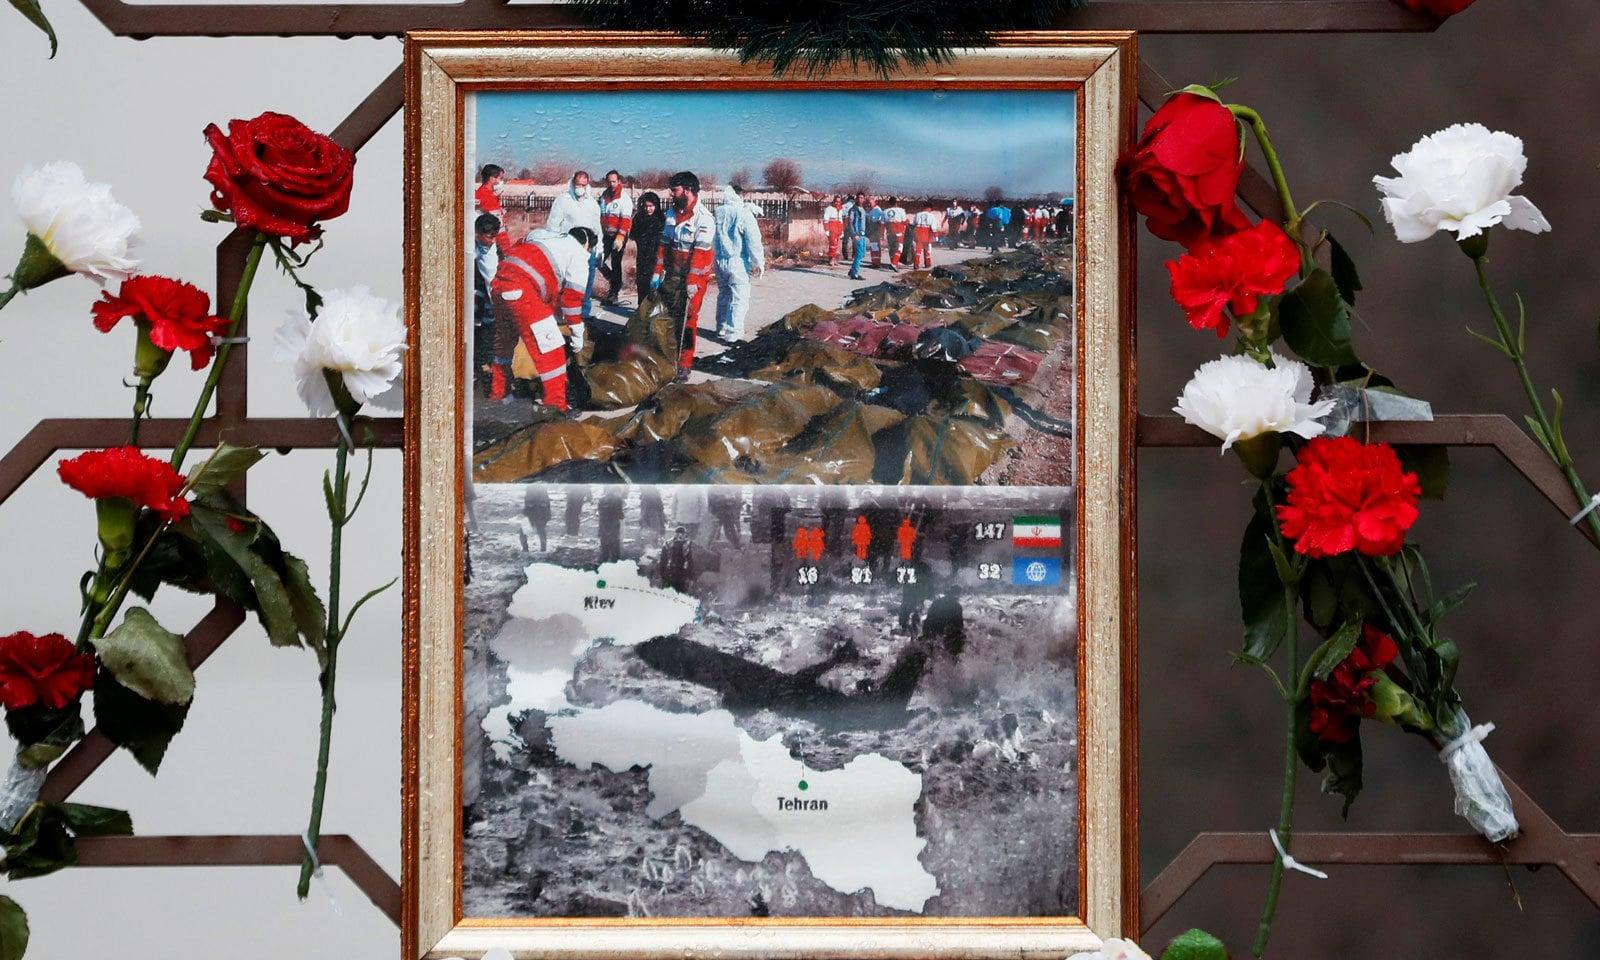 حادثے کی تصاویر کے پاس لوگوں نے متاثرین سے عقیدت کے لیے پھول رکھے ہوئے ہیں— فوٹو: رائٹرز